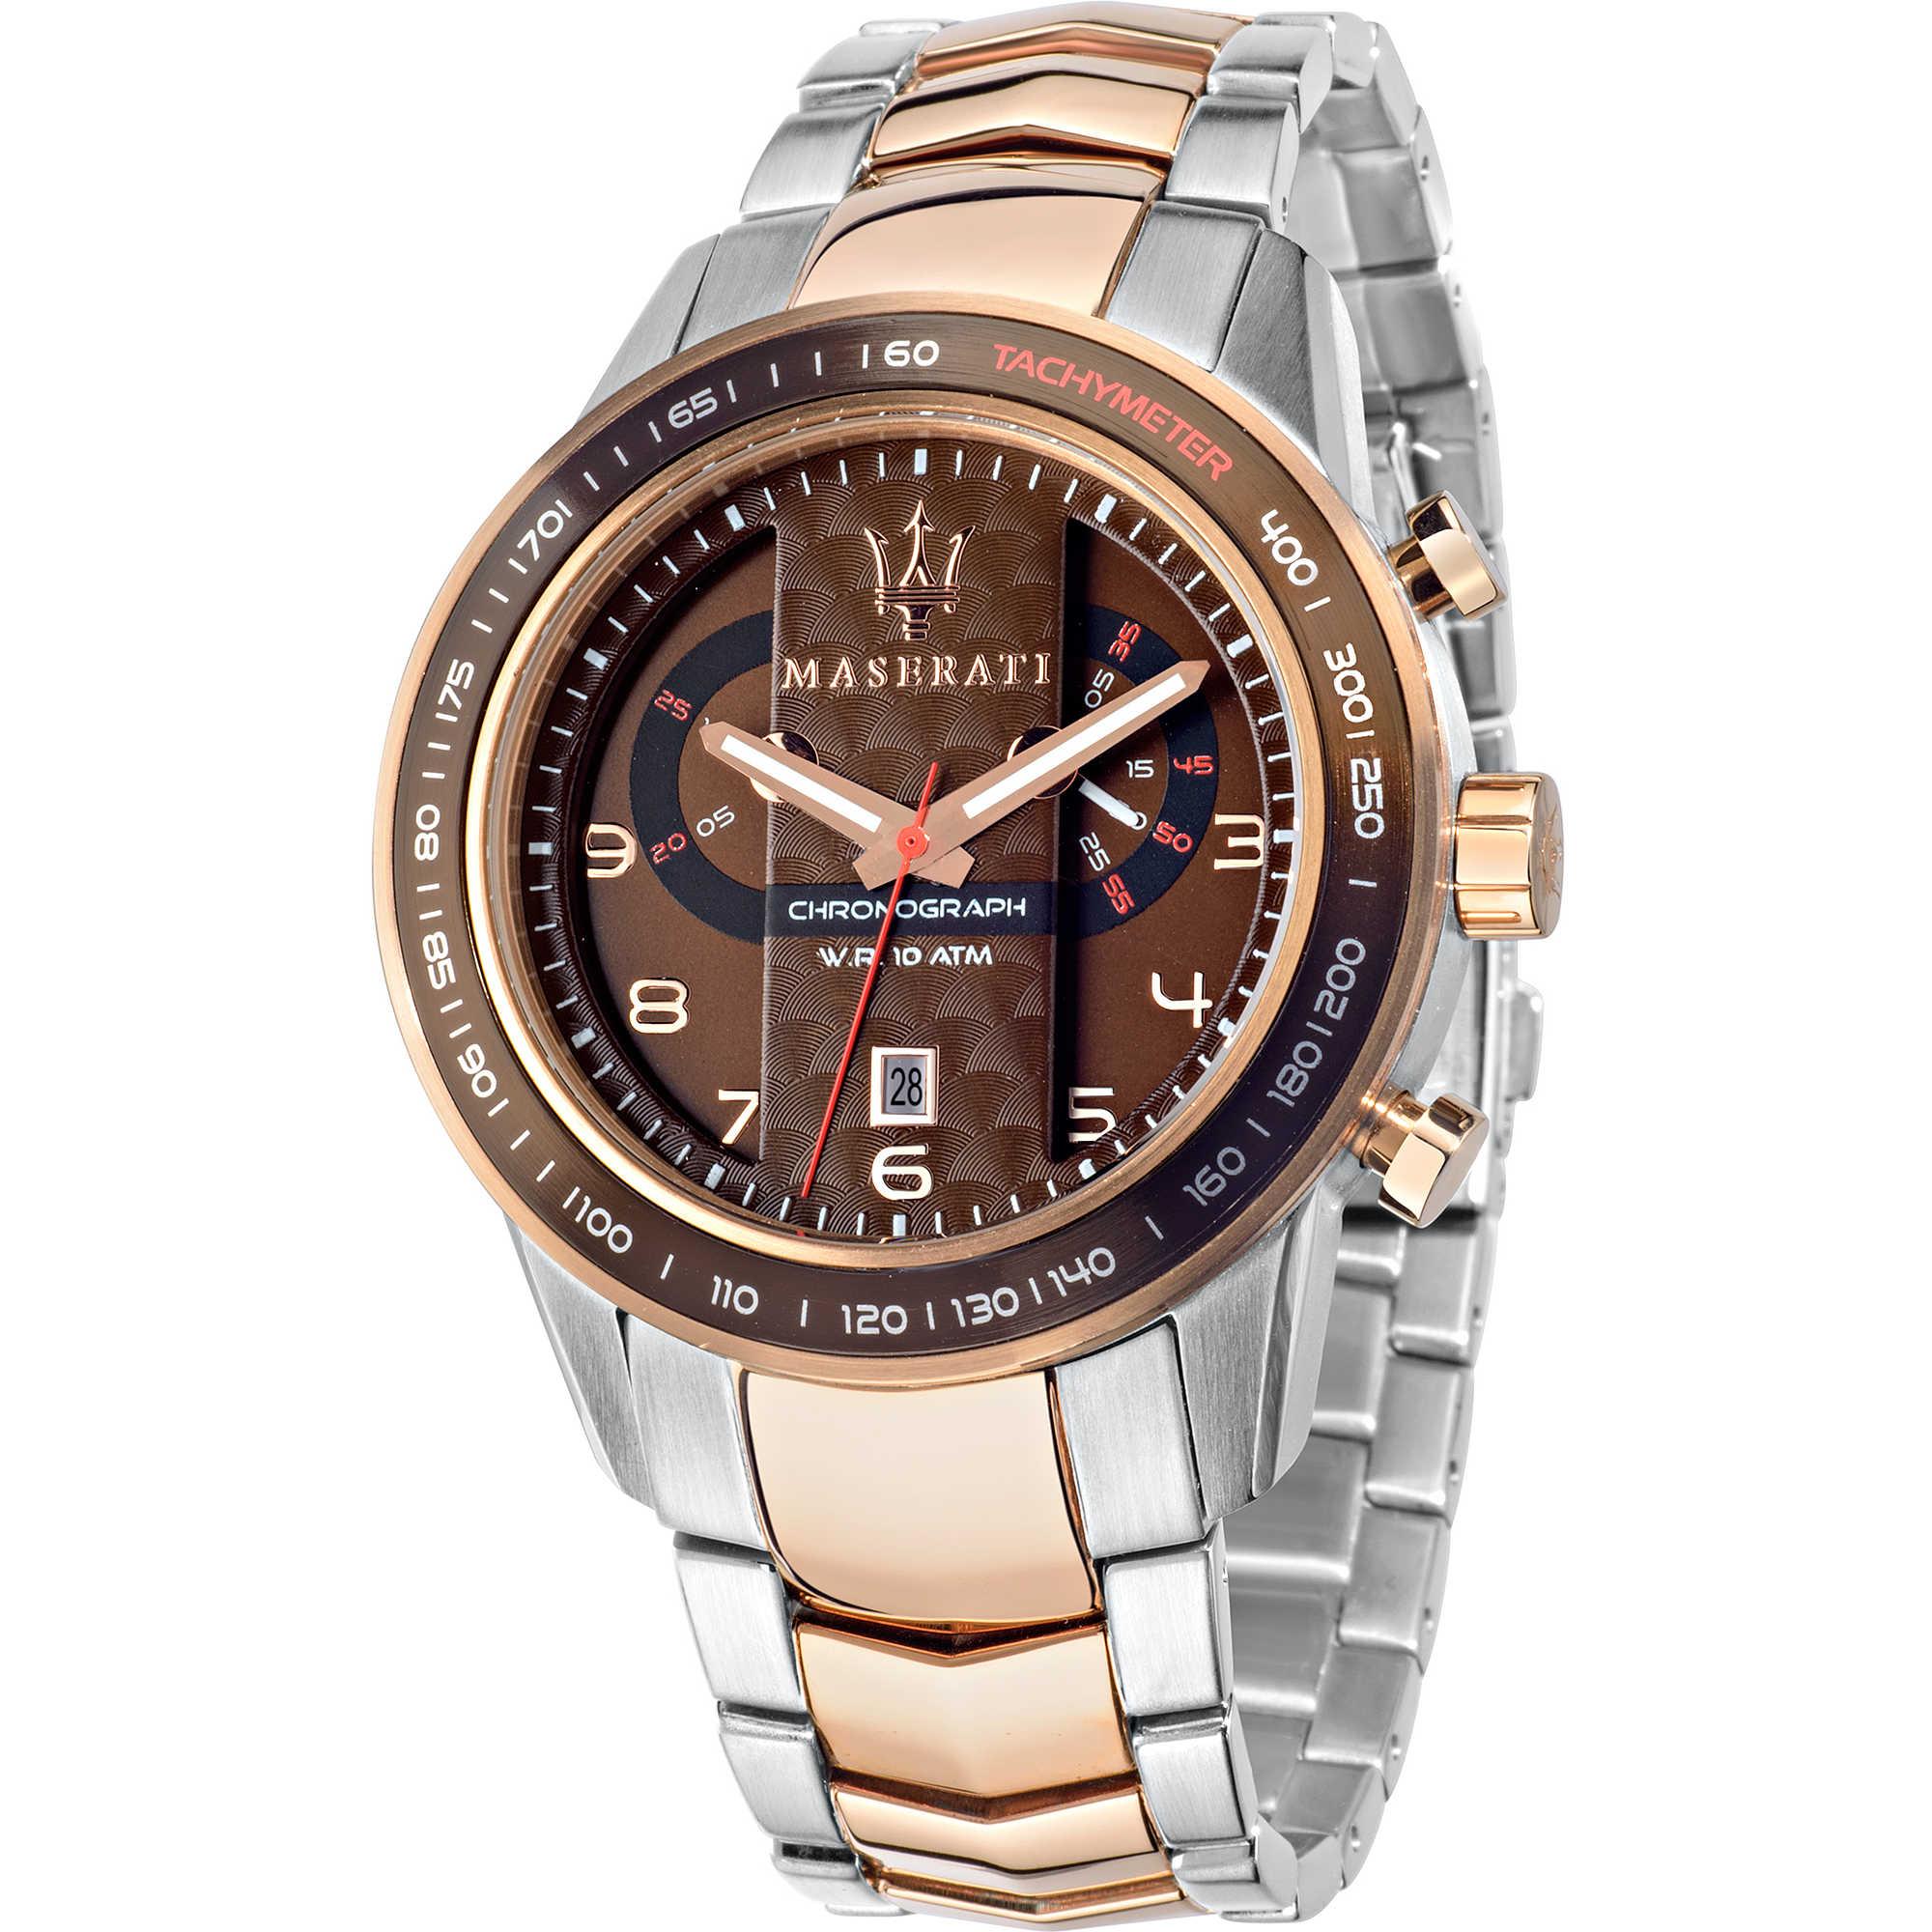 orologio cronografo uomo maserati corsa r8873610004 cronografi